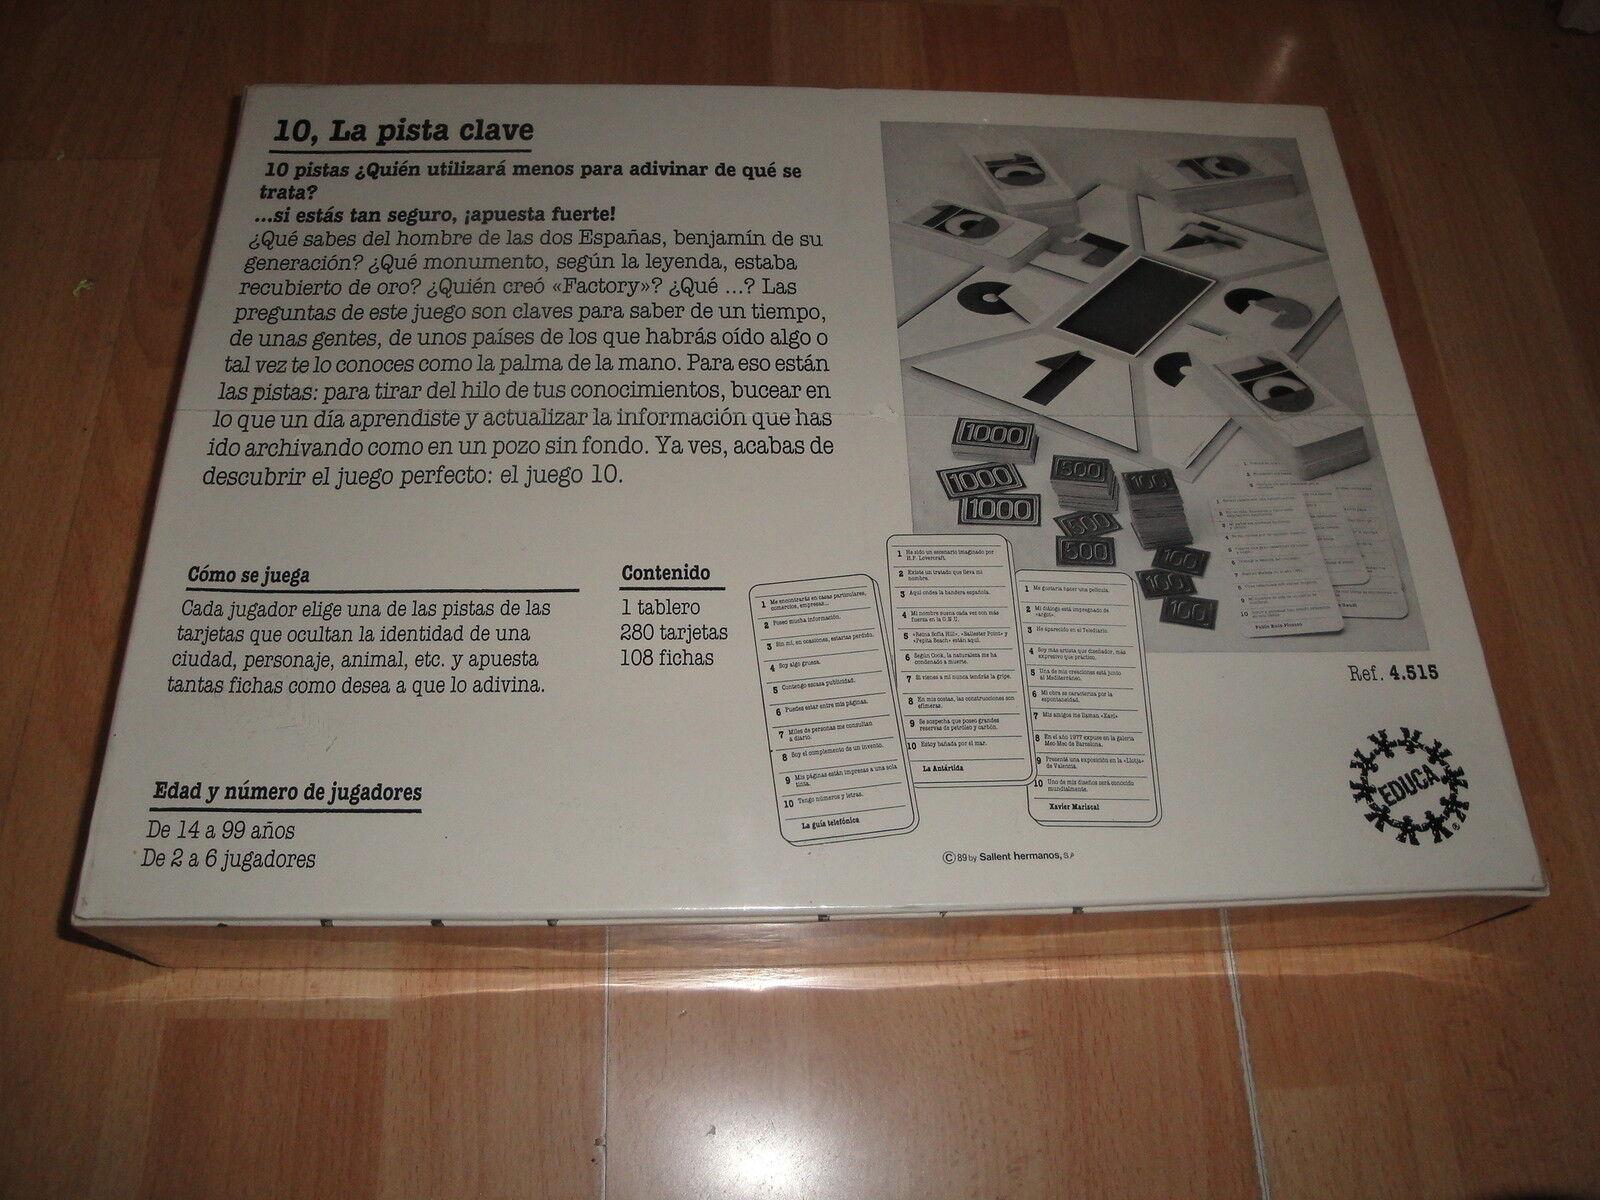 10 10 10 LA PISTA CLAVE DE EDUCA JUEGO DE MESA DE ENTRETENIMIENTO NUEVO PRECINTADO 73366d